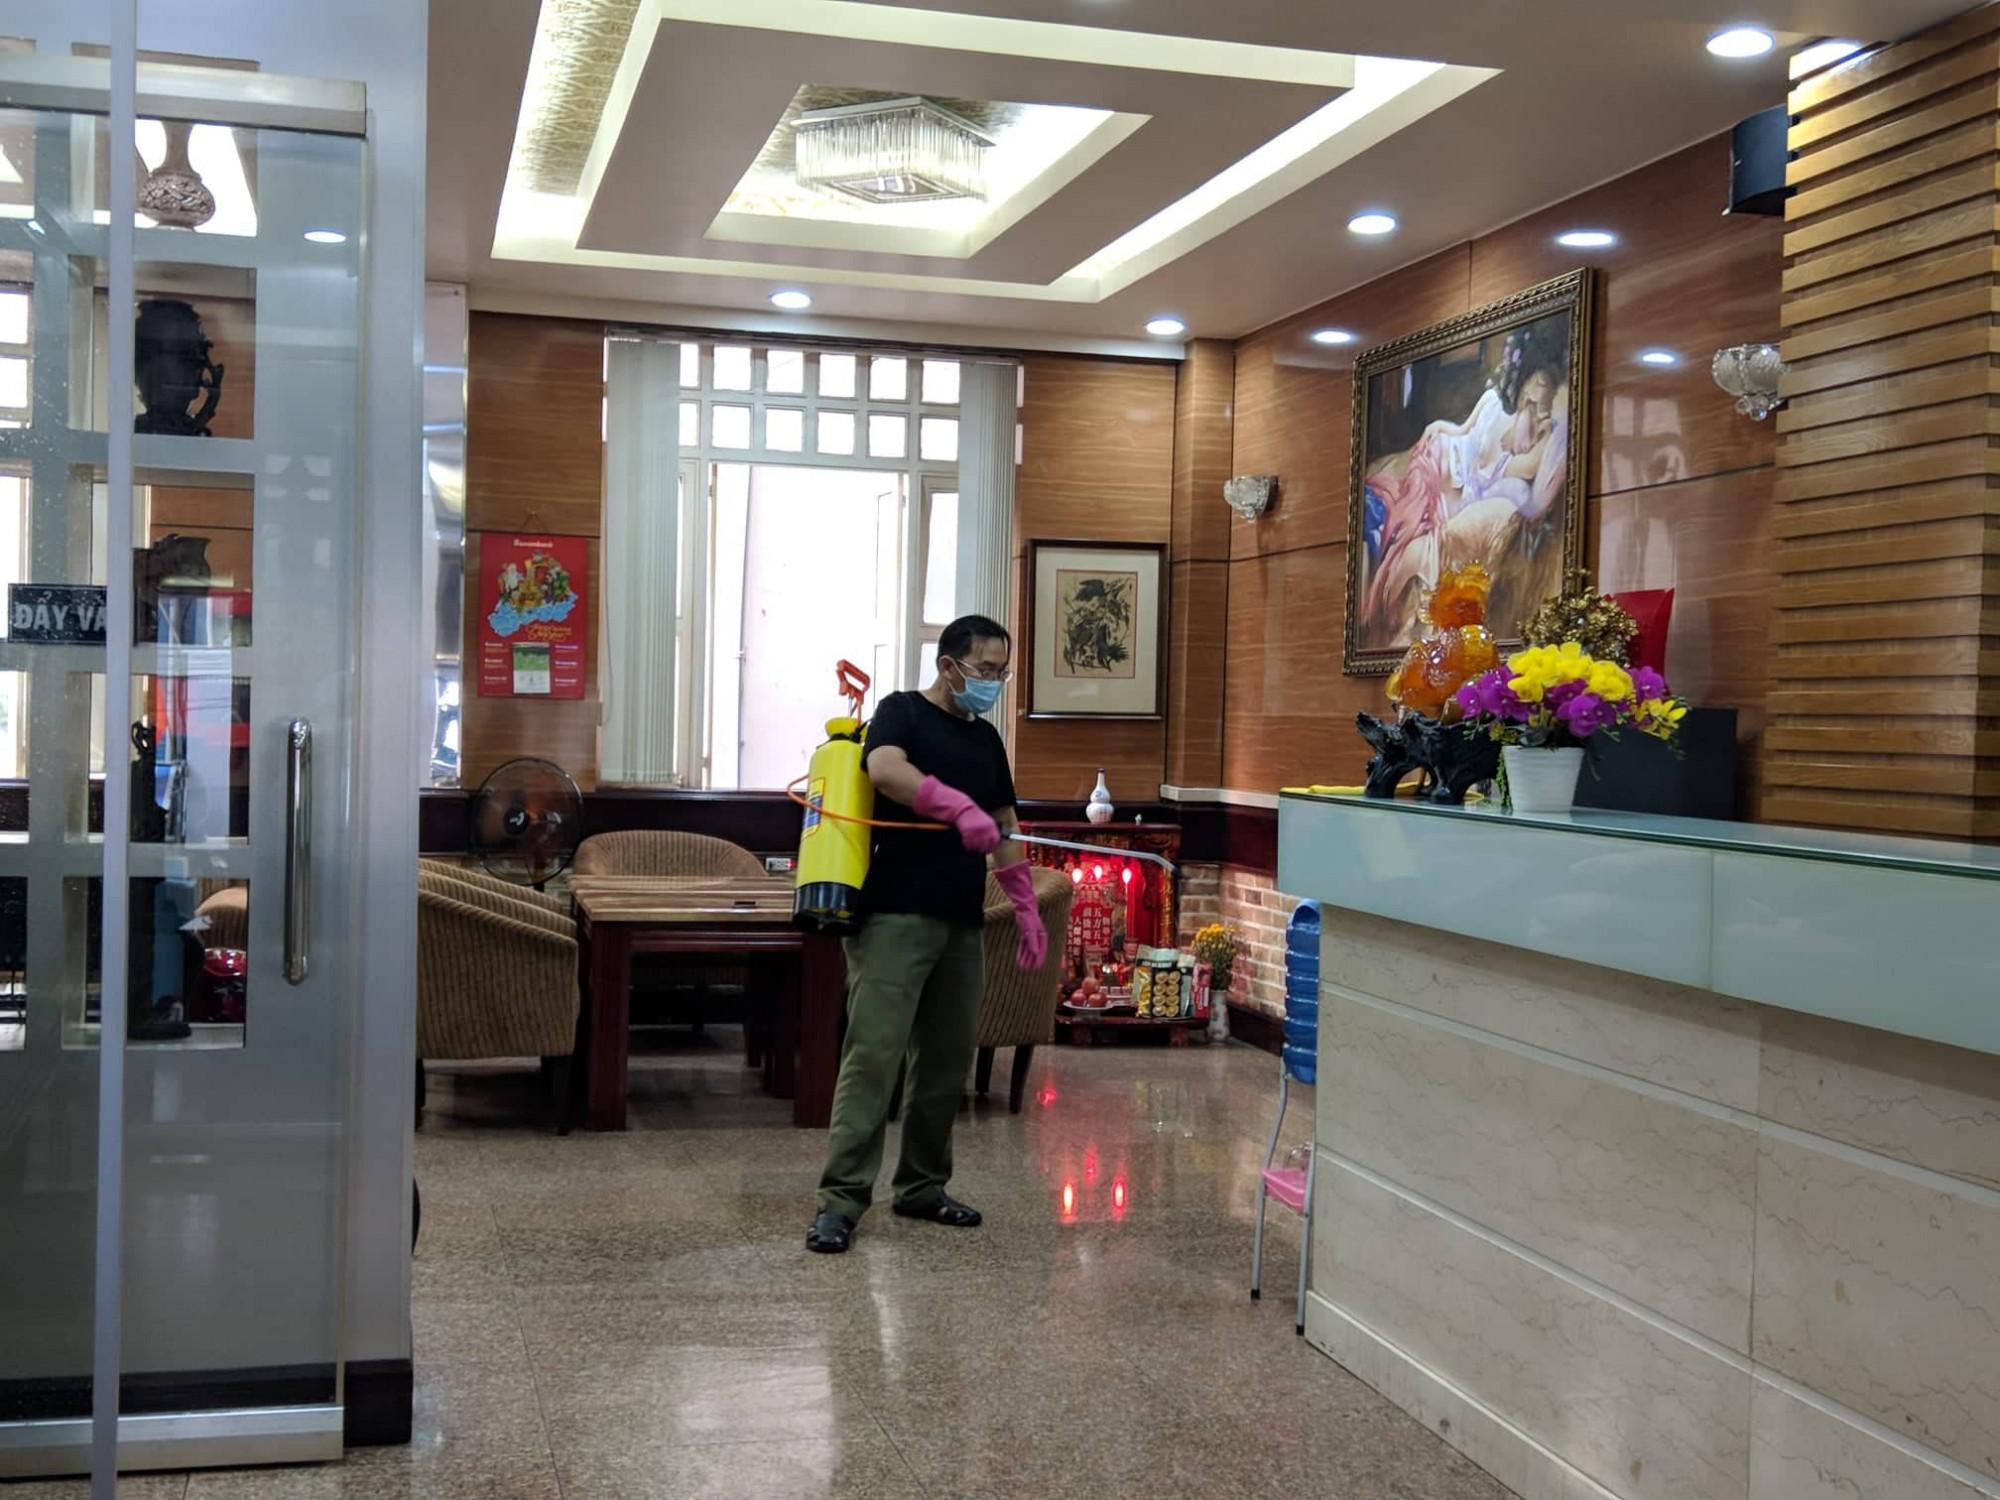 Những nhân viên của khách sạn Triều Hân, nơi có 18 người đang cách ly tập trung phun hóa chất khử khuẩn bên trong khách sạn. Ảnh: Hiếu Nguyễn